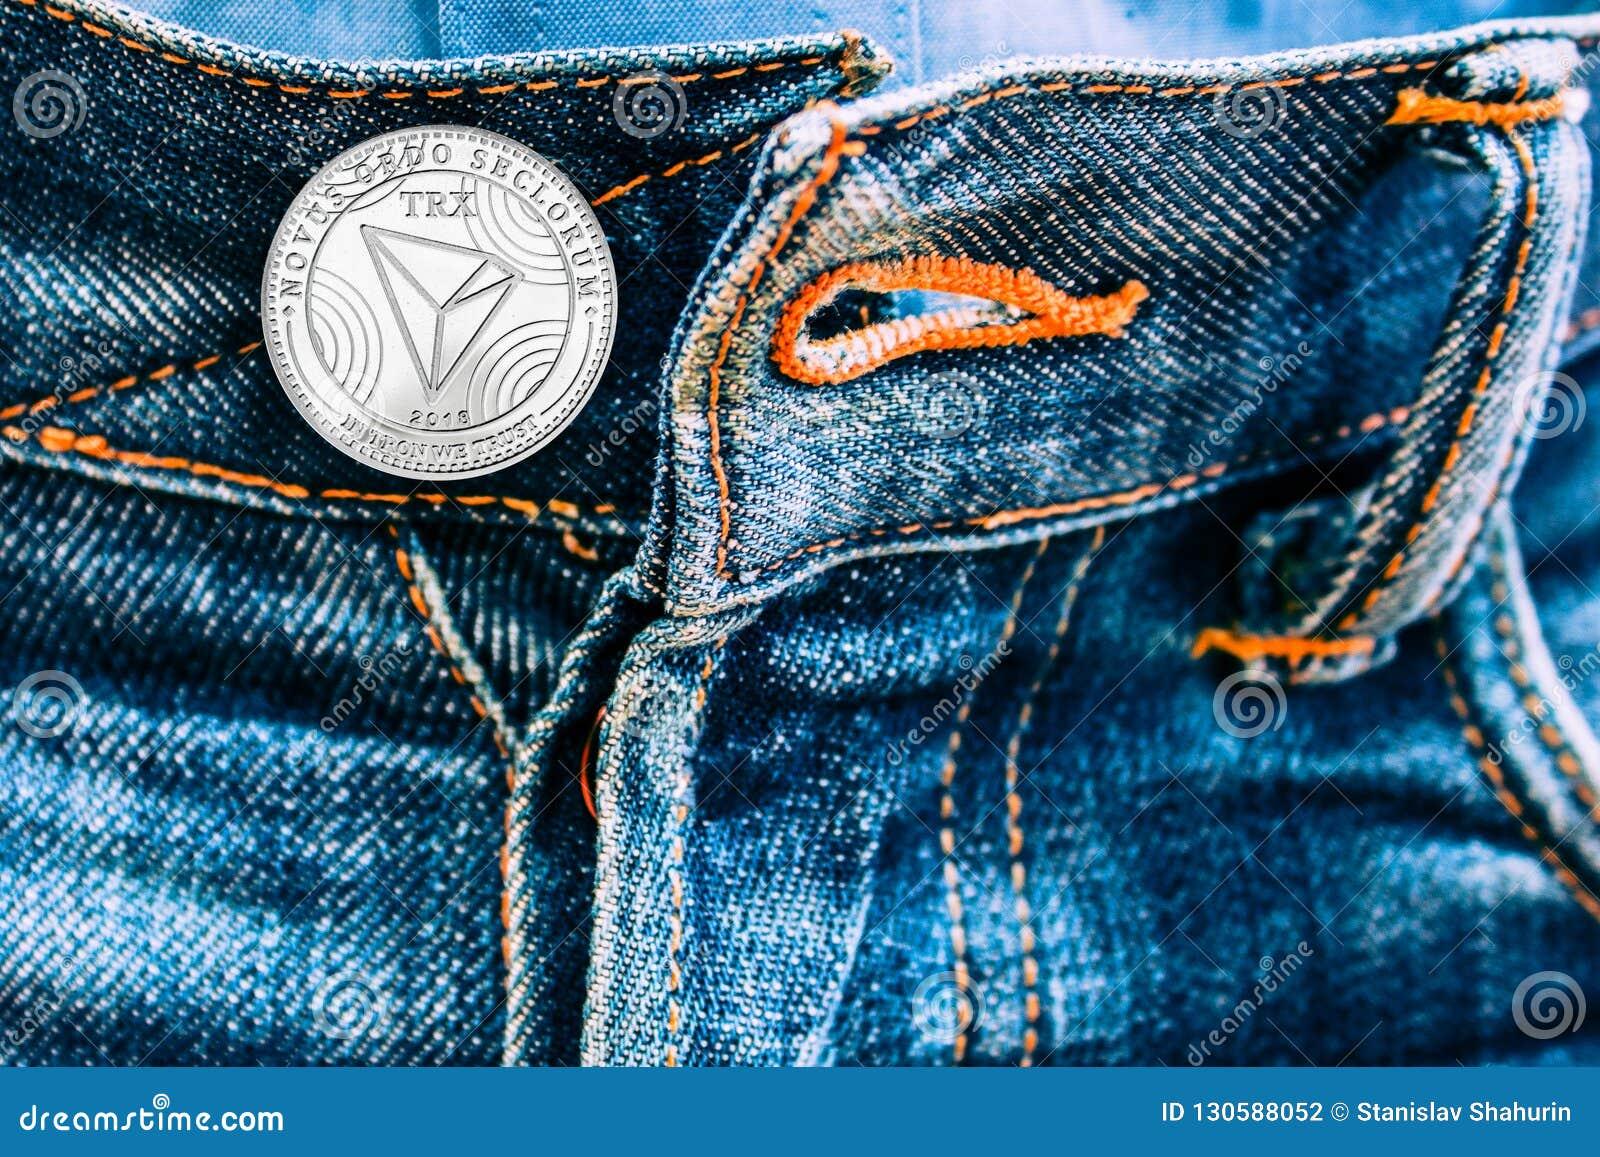 而不是按钮的Trx硬币在牛仔裤